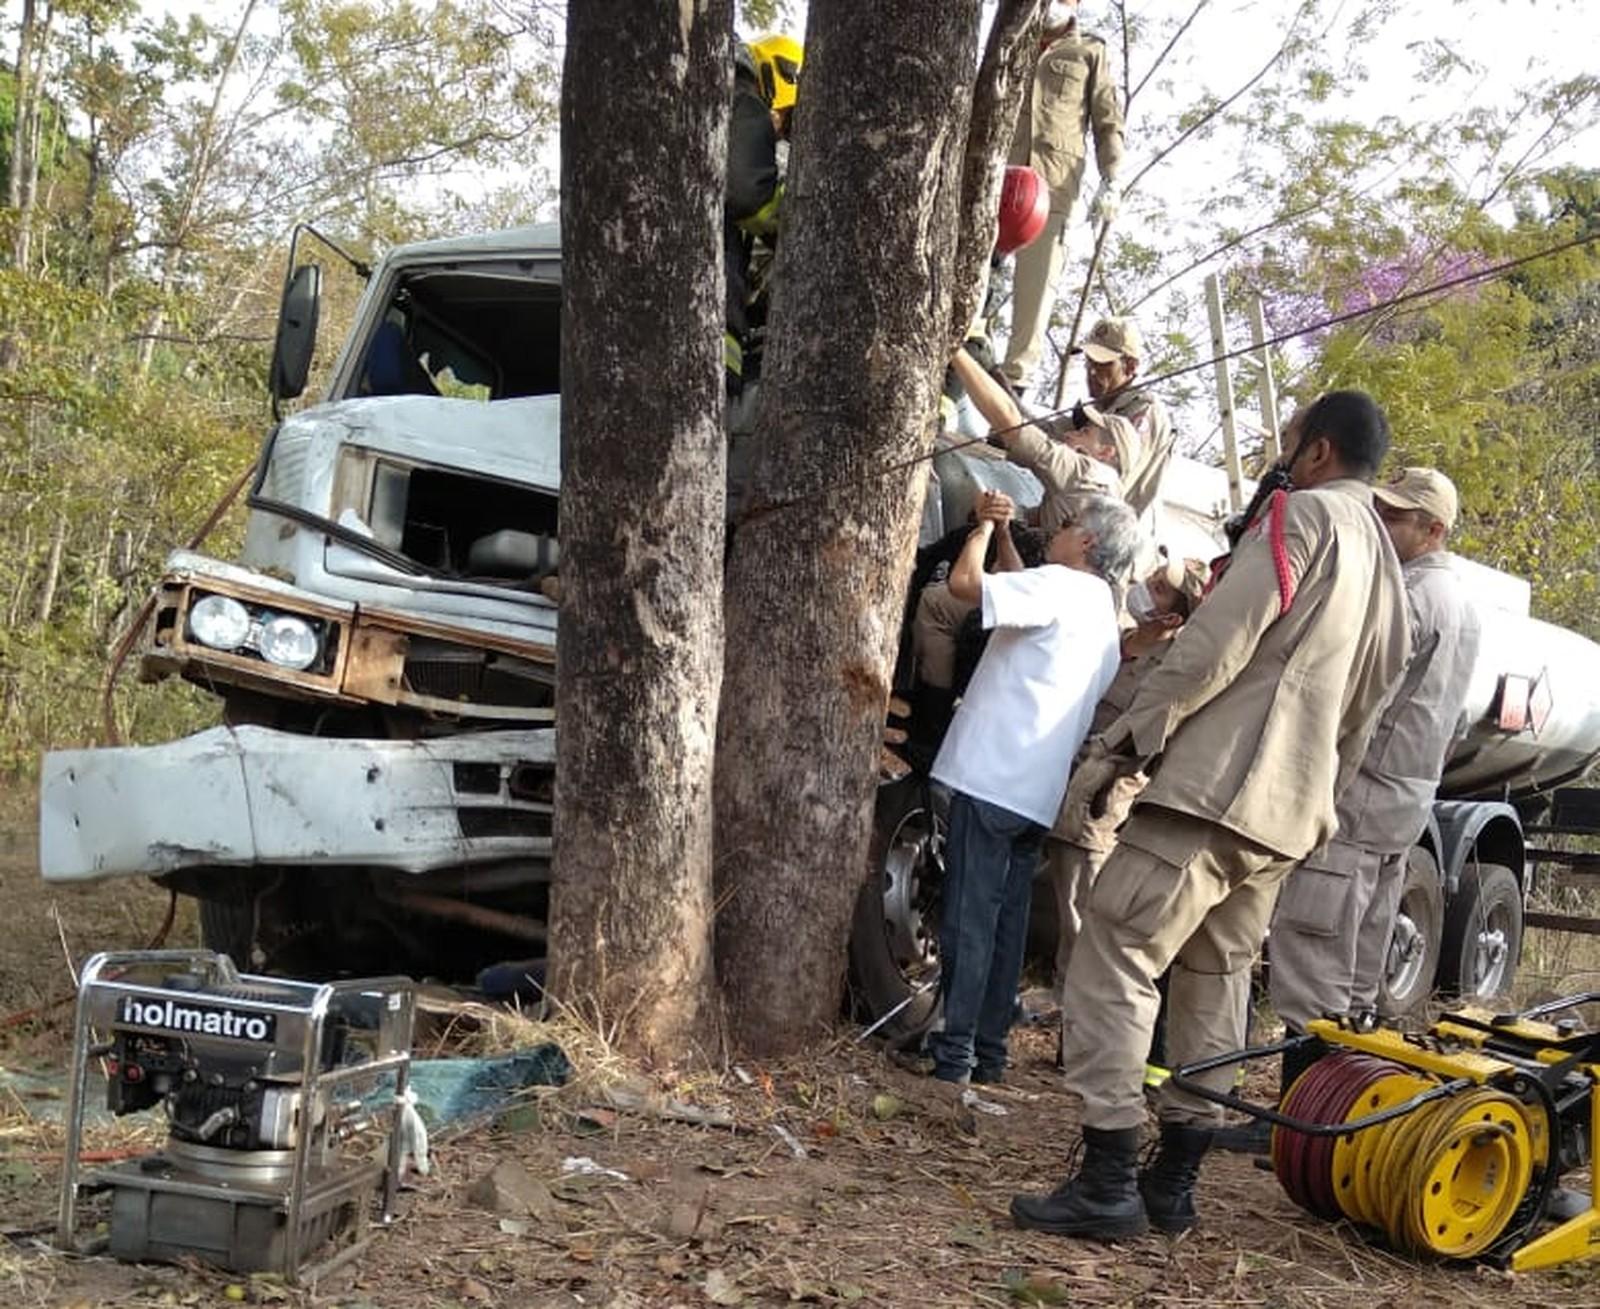 Caminhão-tanque bate em árvore e motorista fica preso à ferragens